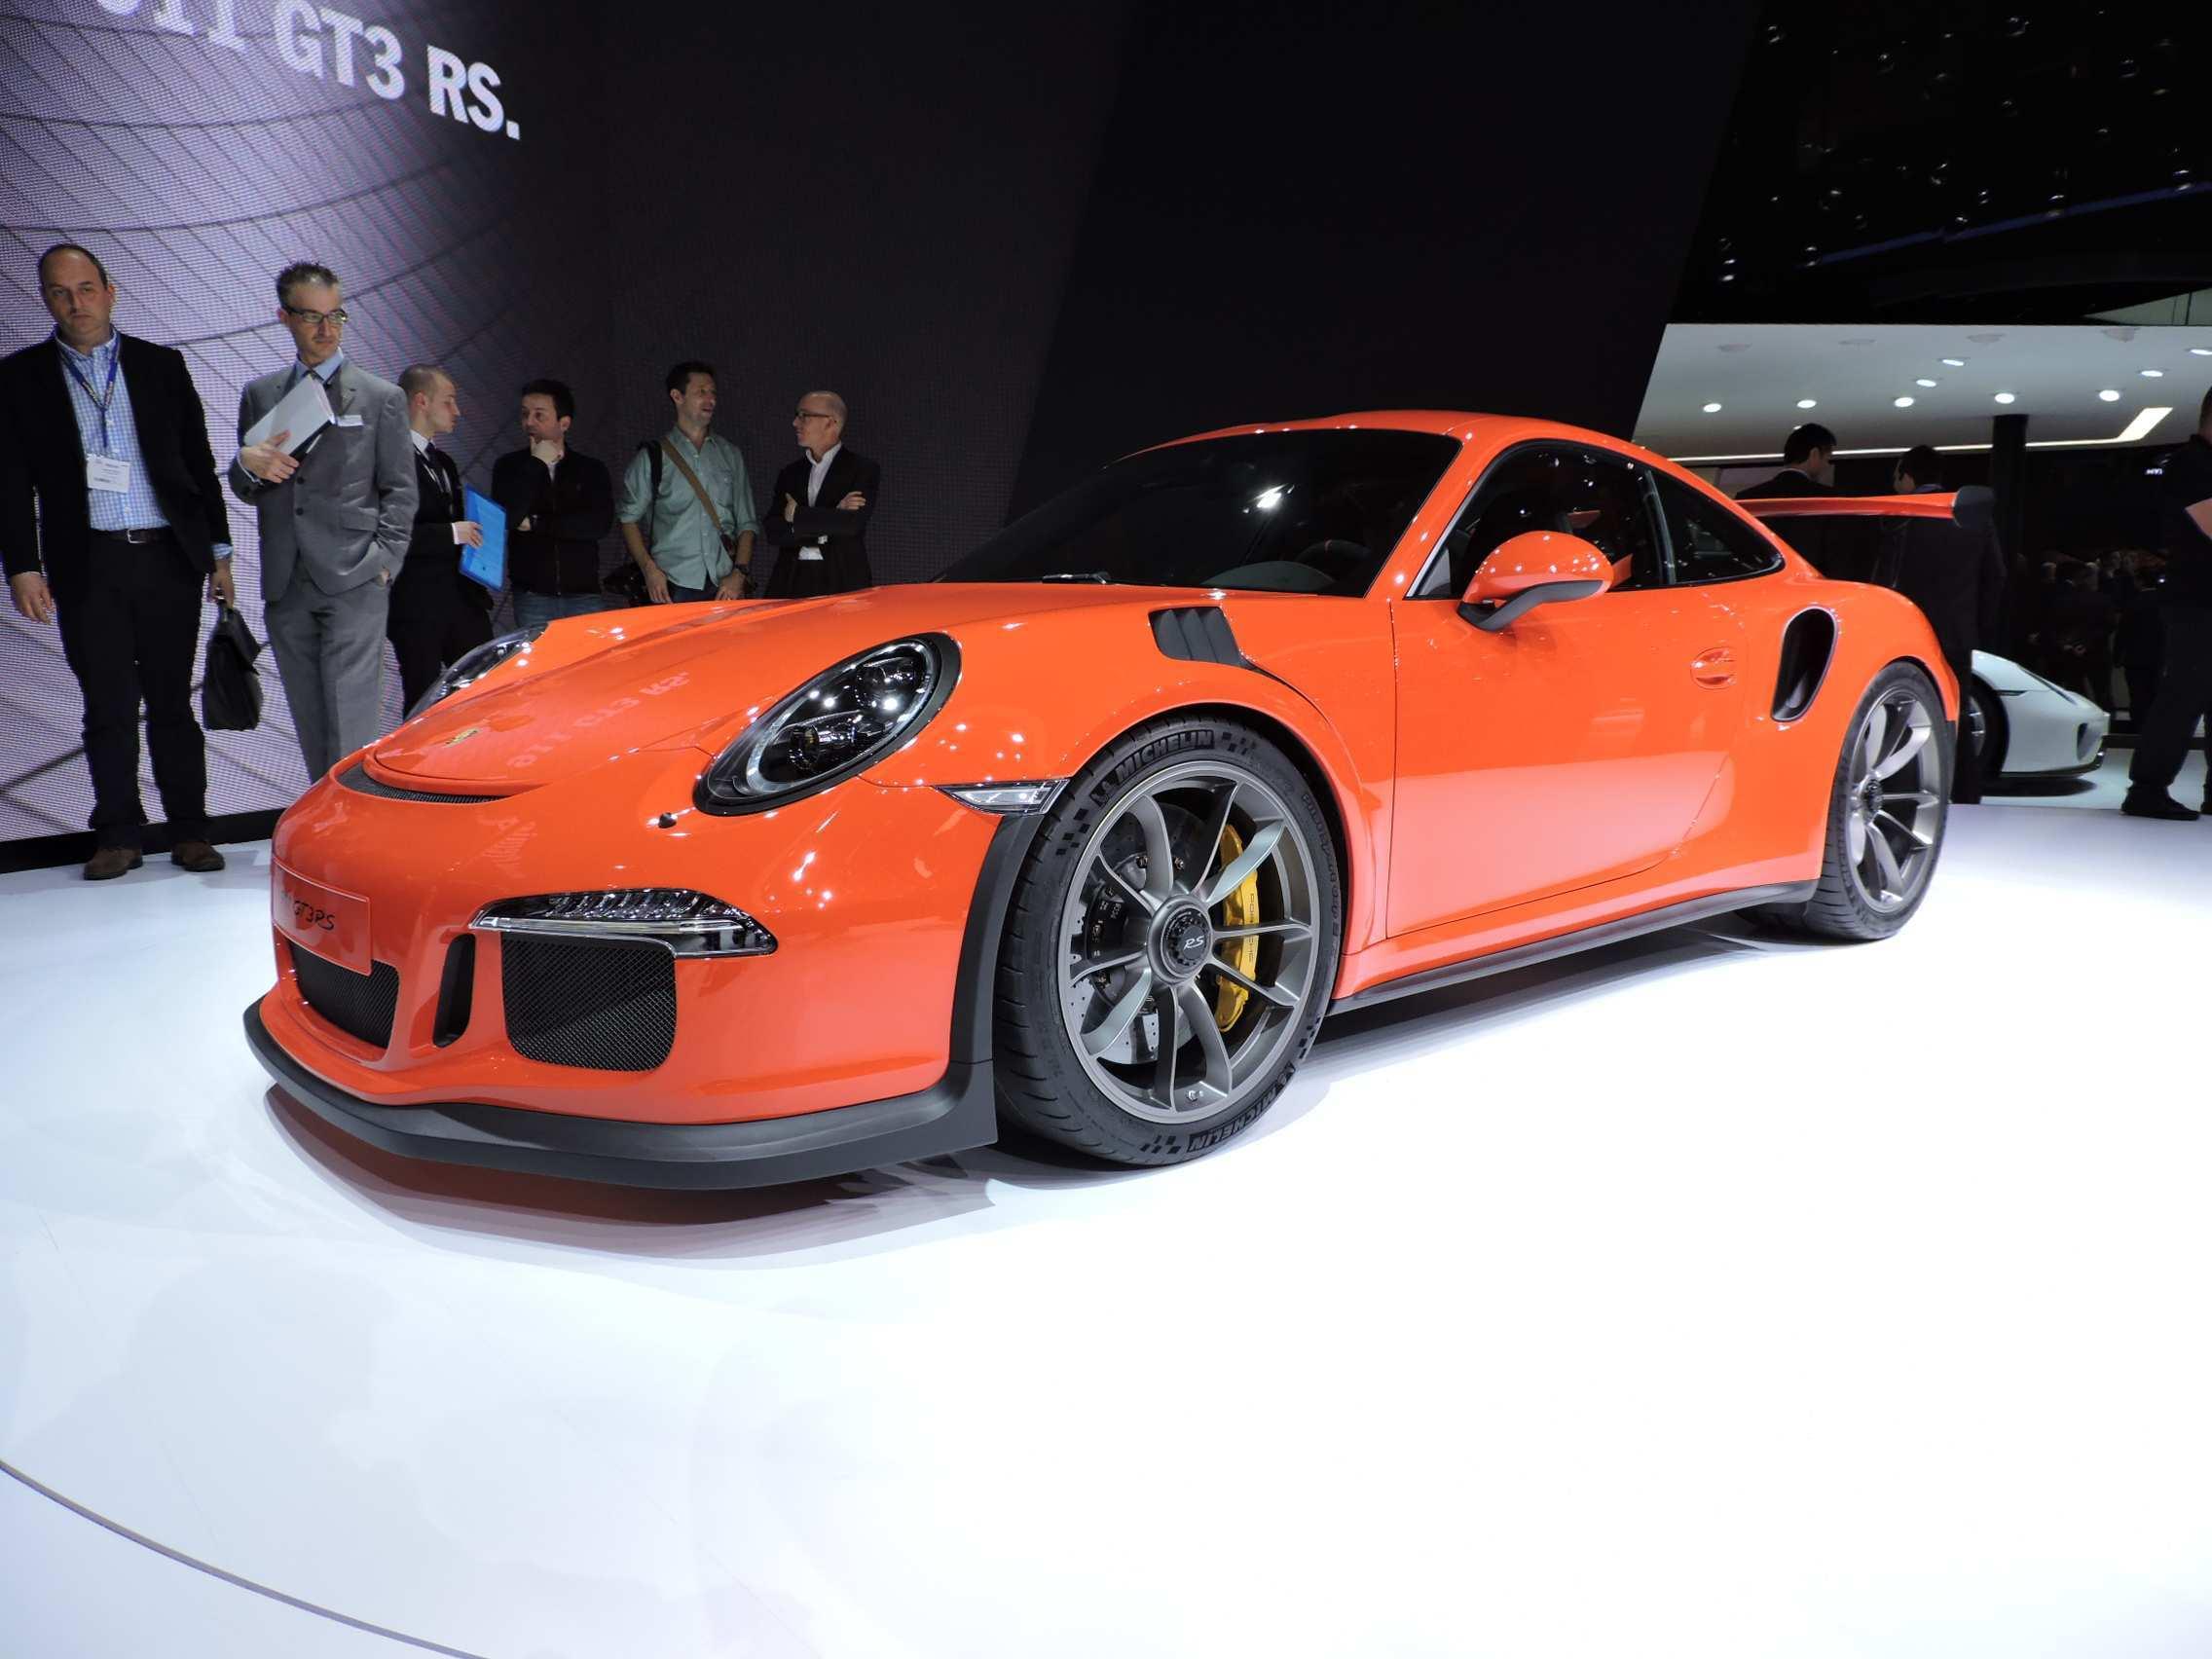 11 New 2020 Porsche Gt3 Rs New Review for 2020 Porsche Gt3 Rs